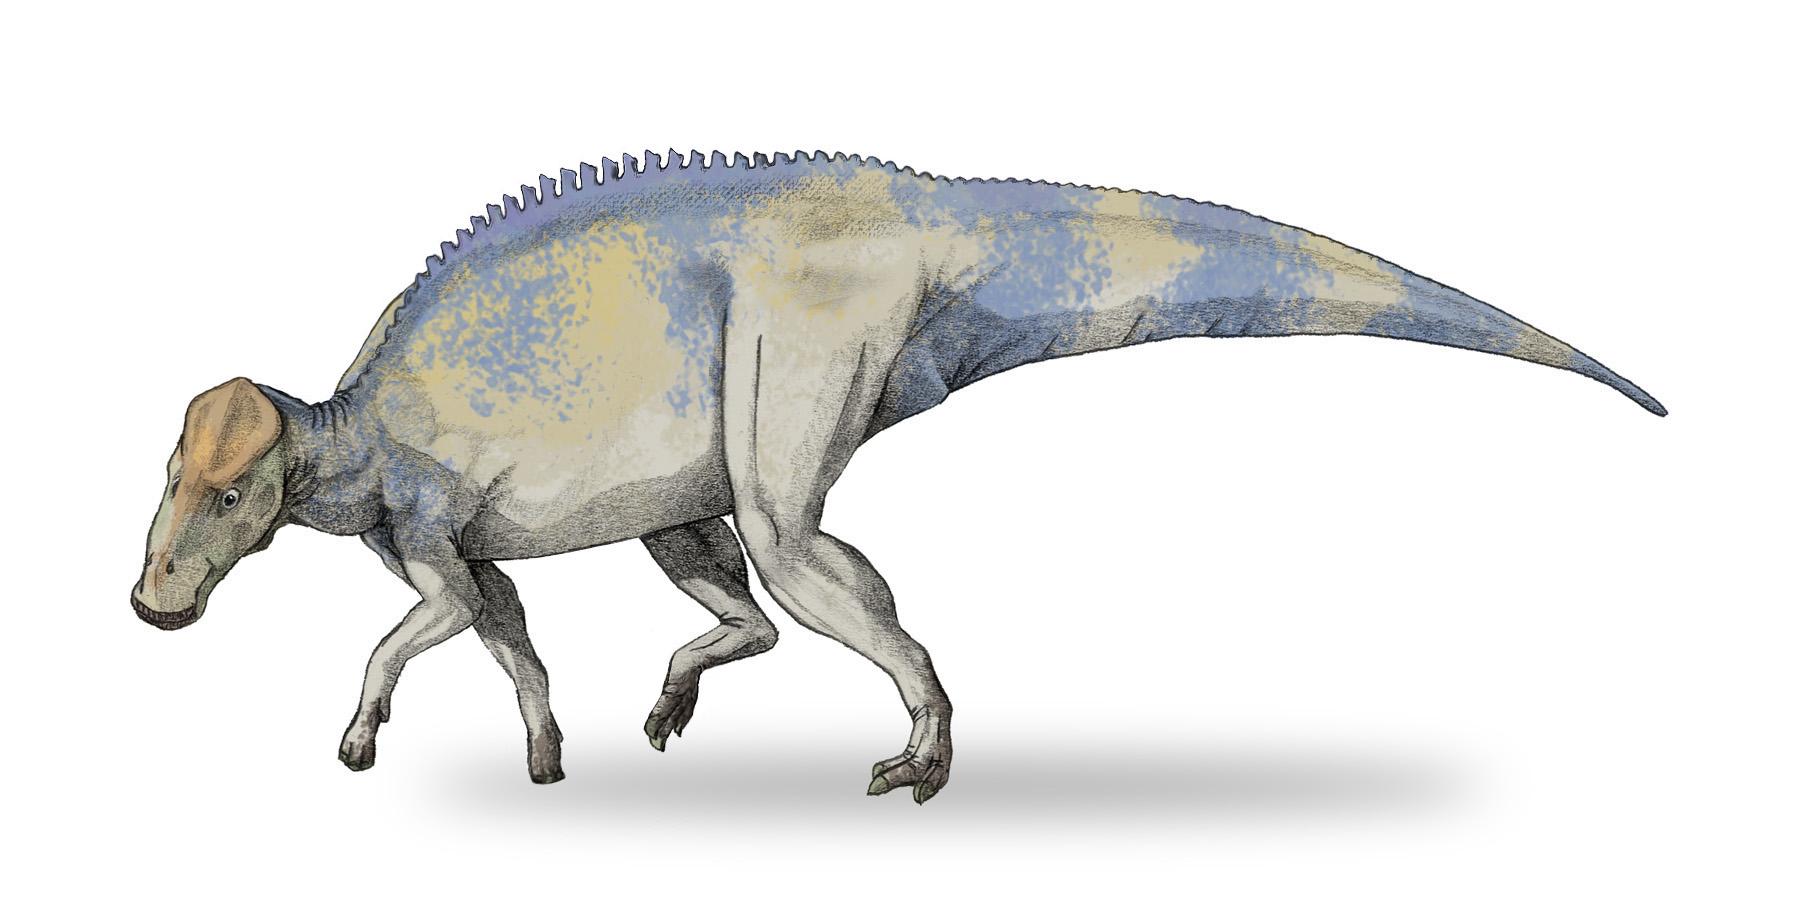 Gilmoreosaurus, Foto: dinostar.voila.net